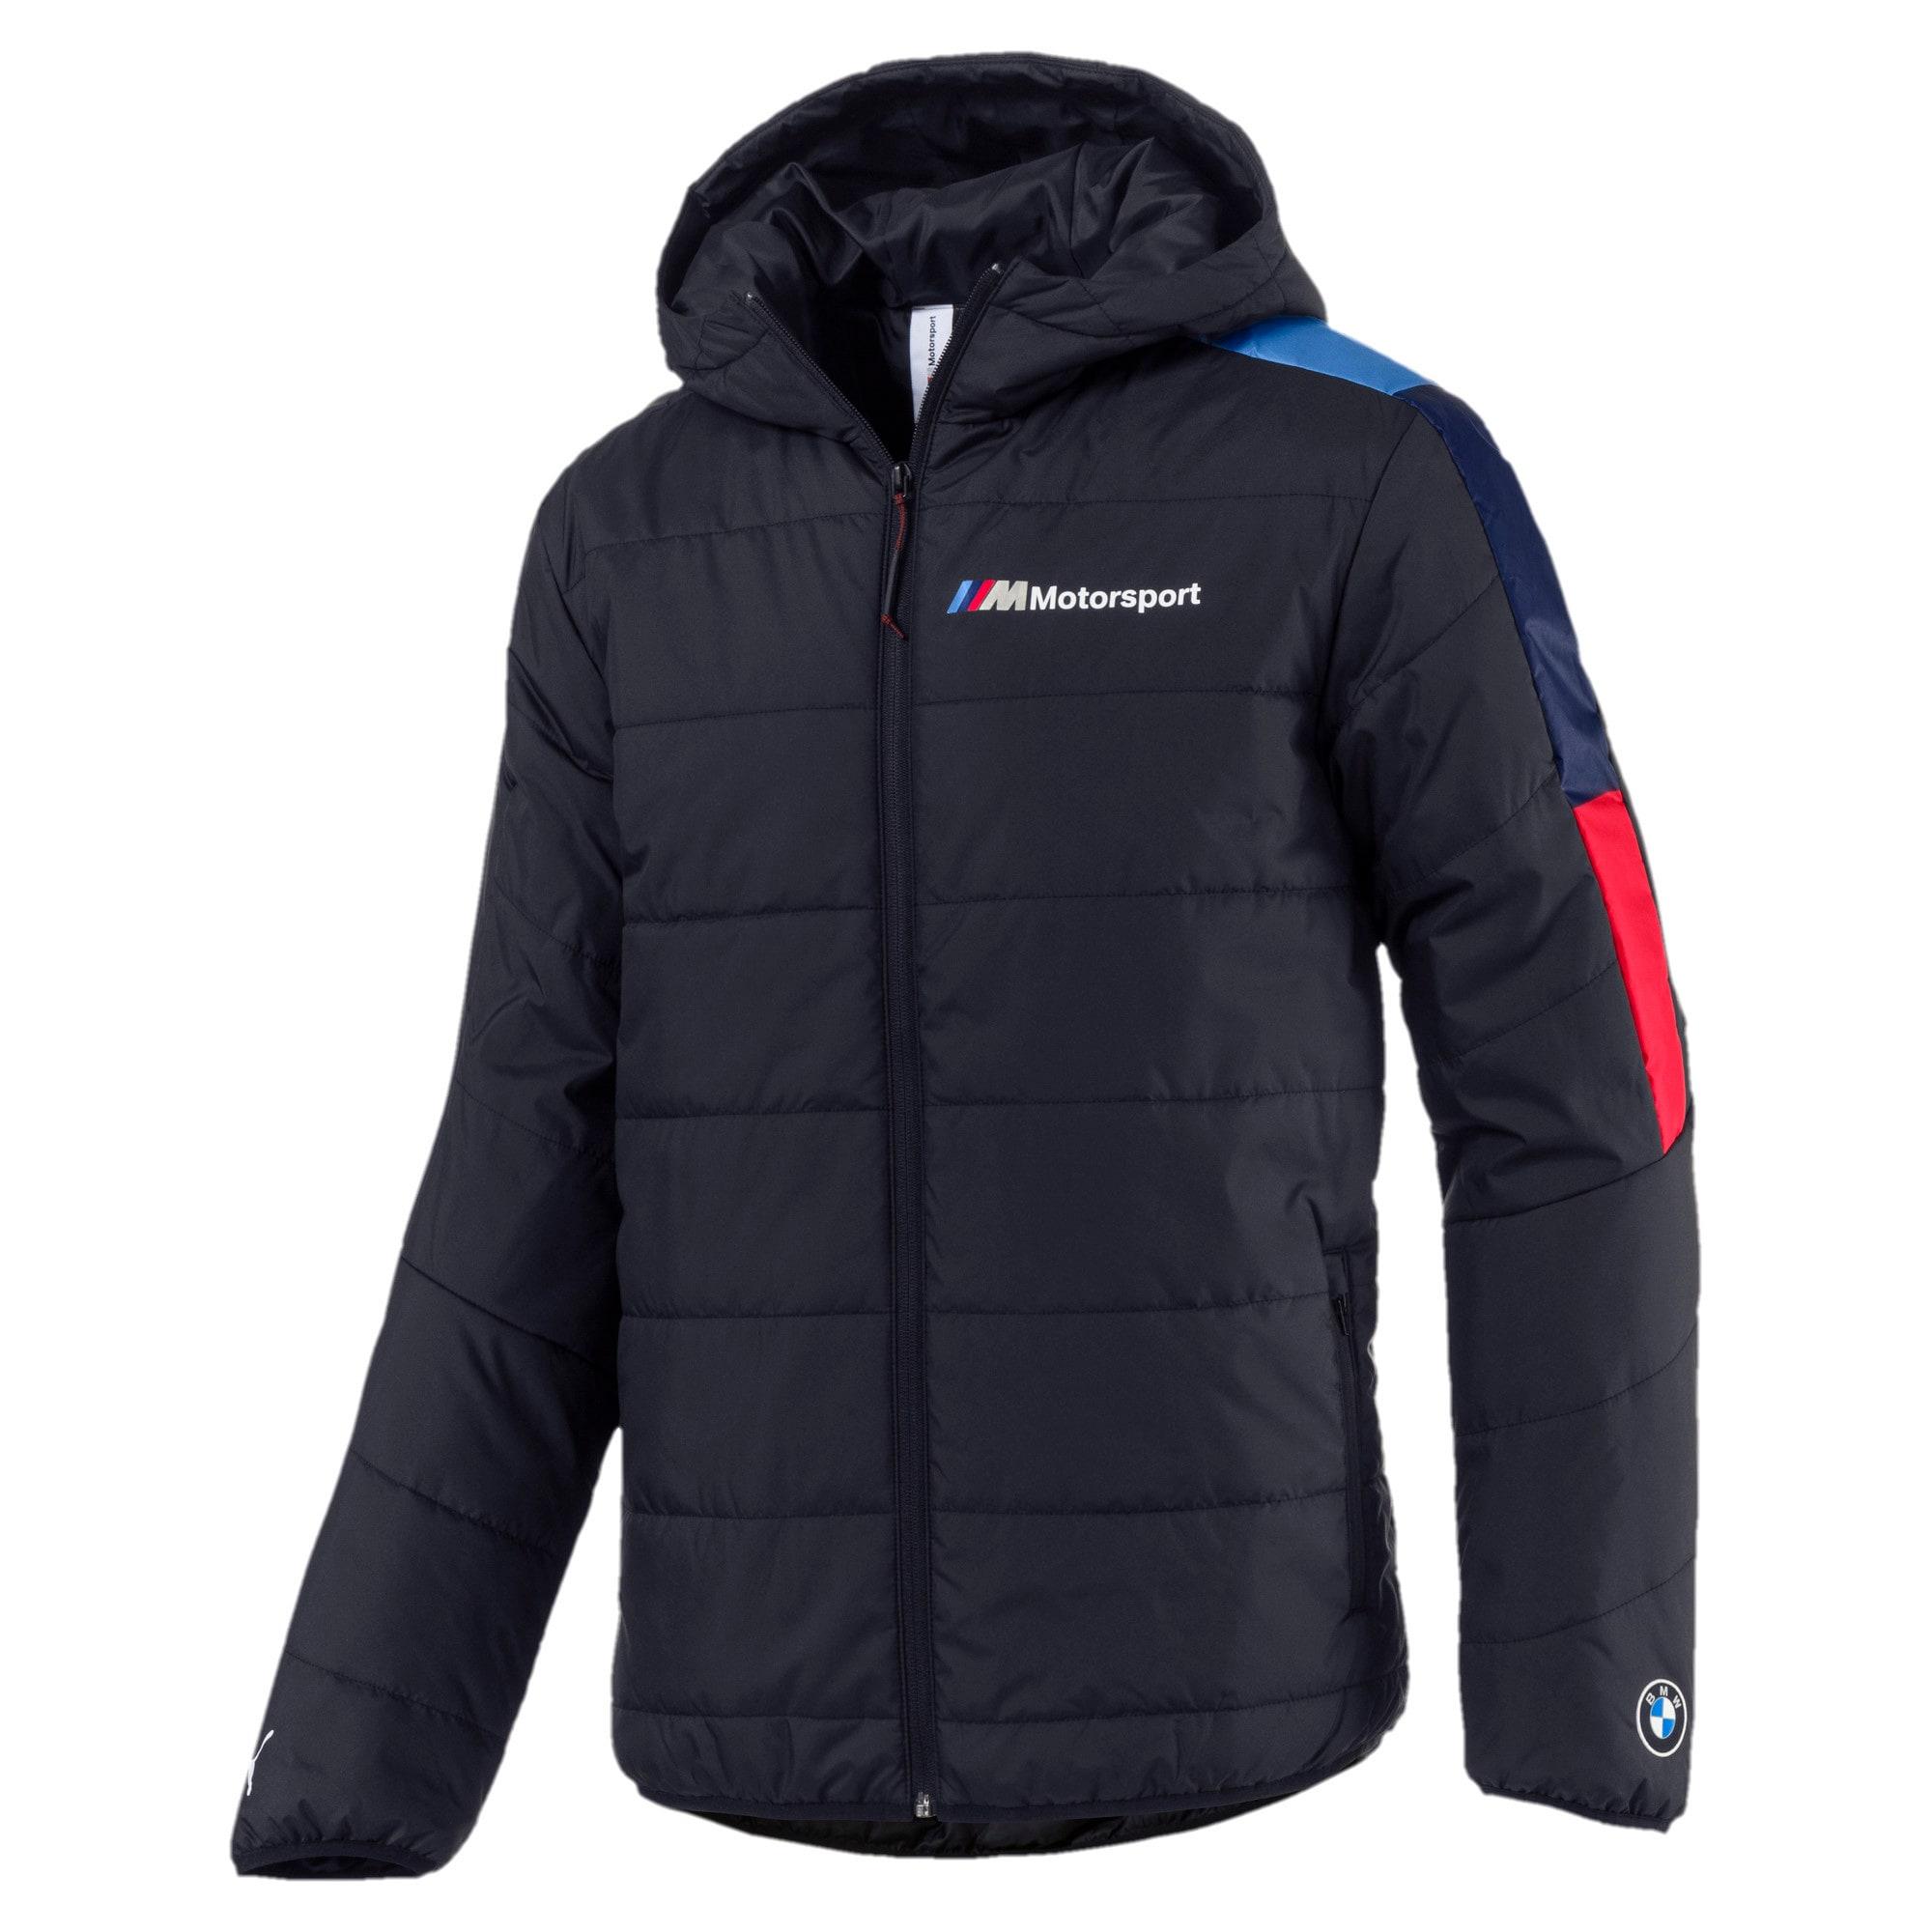 Thumbnail 1 of BMW M Motorsport Men's T7 Jacket, Anthracite, medium